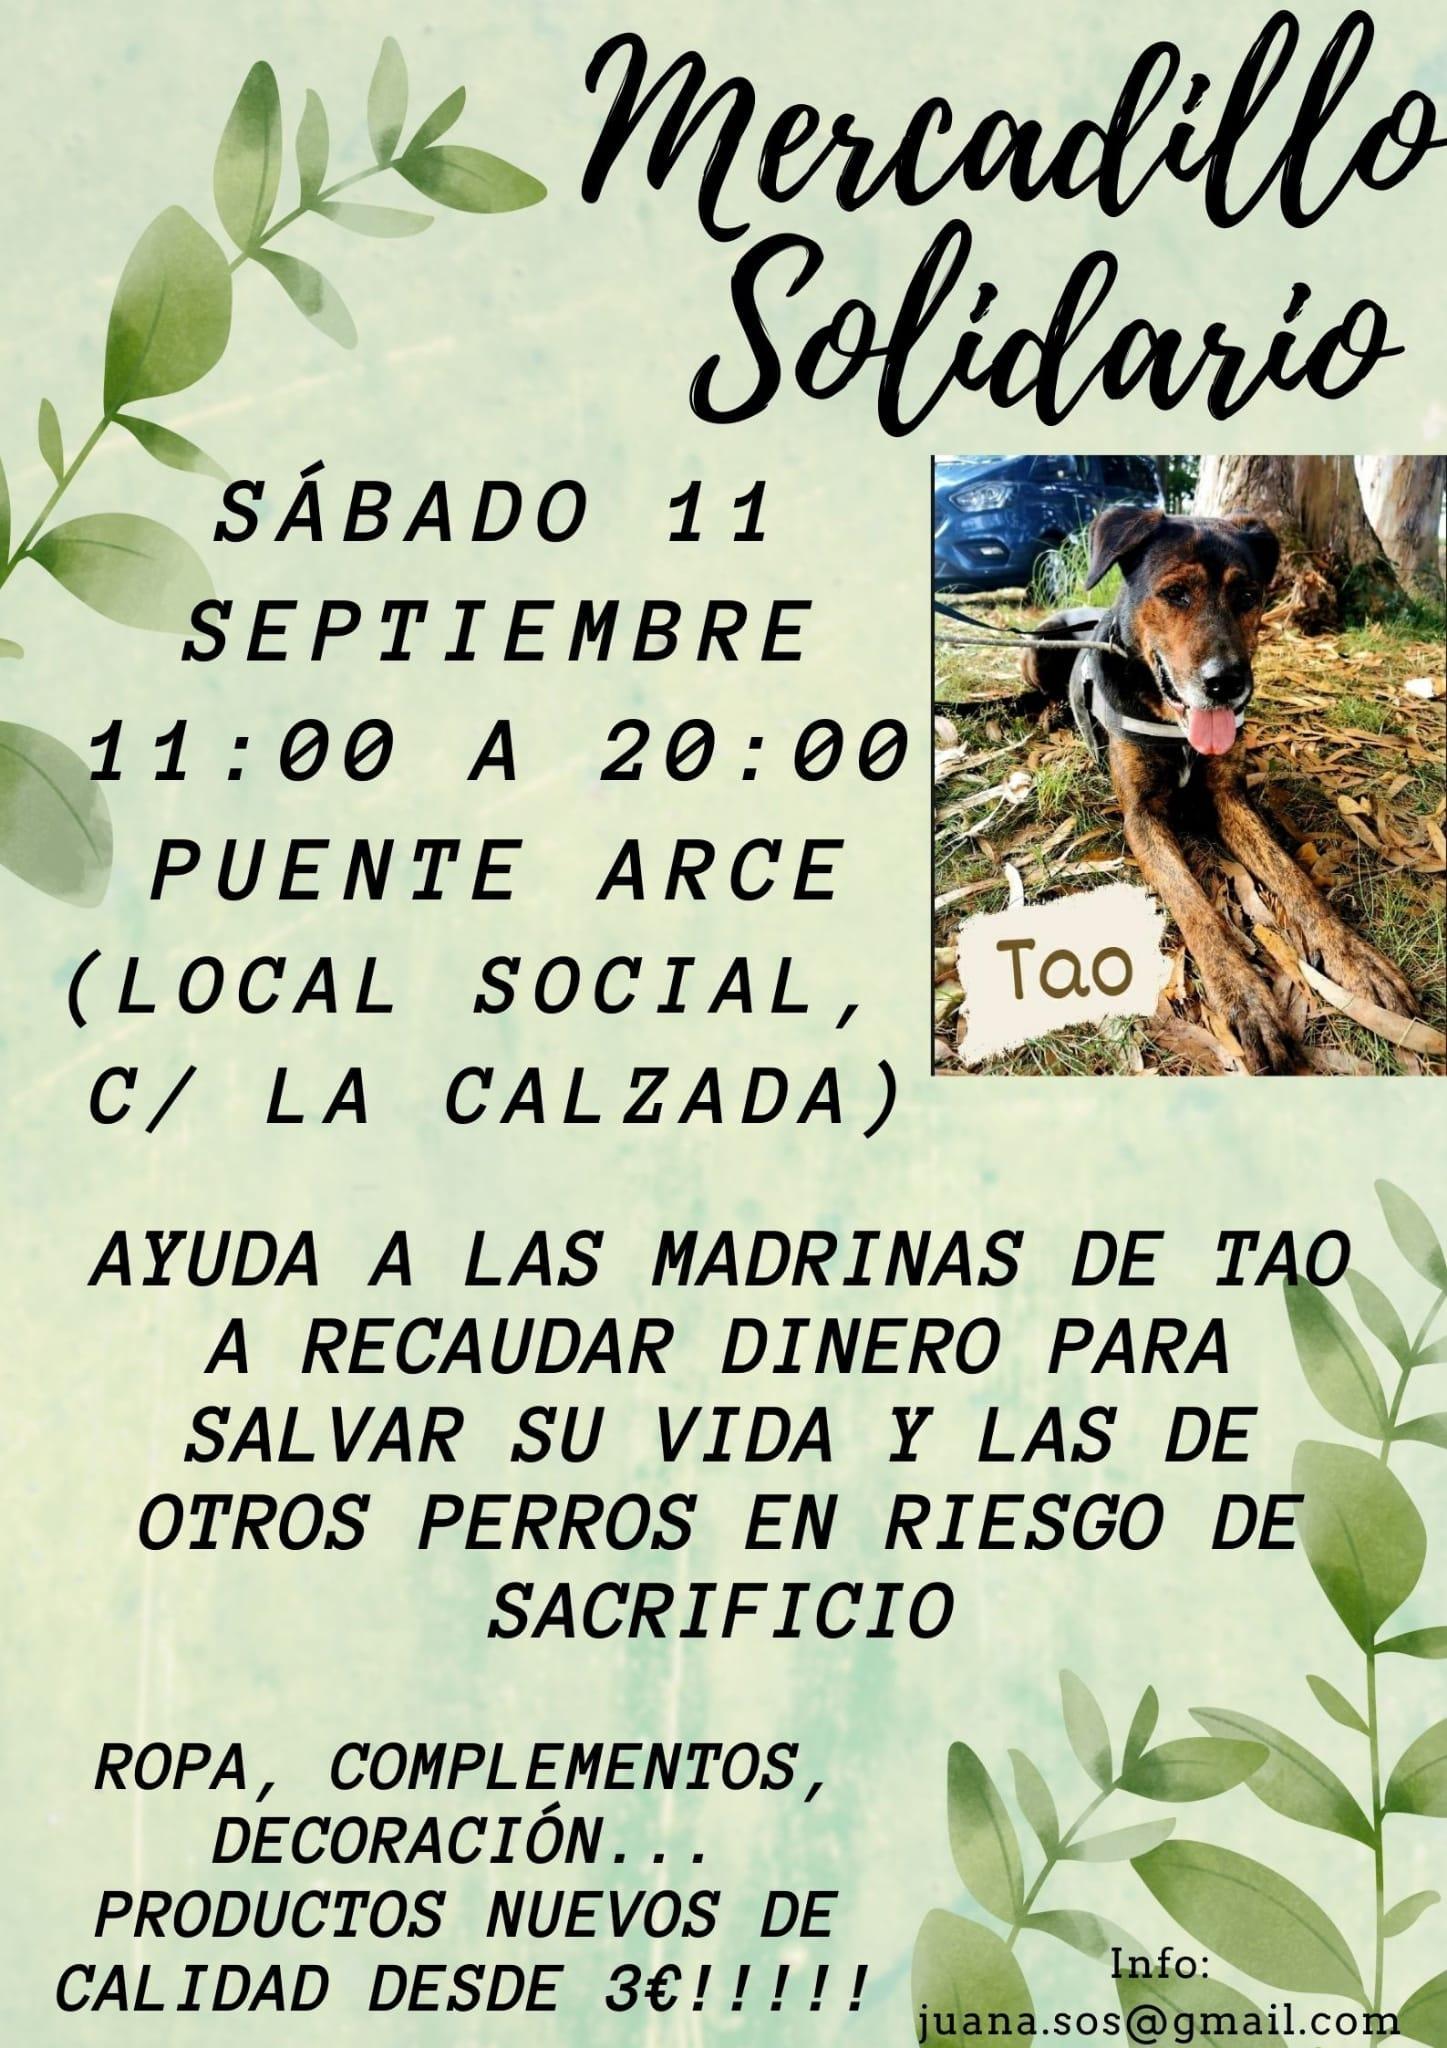 Mercadillo Solidario - Puente Arce